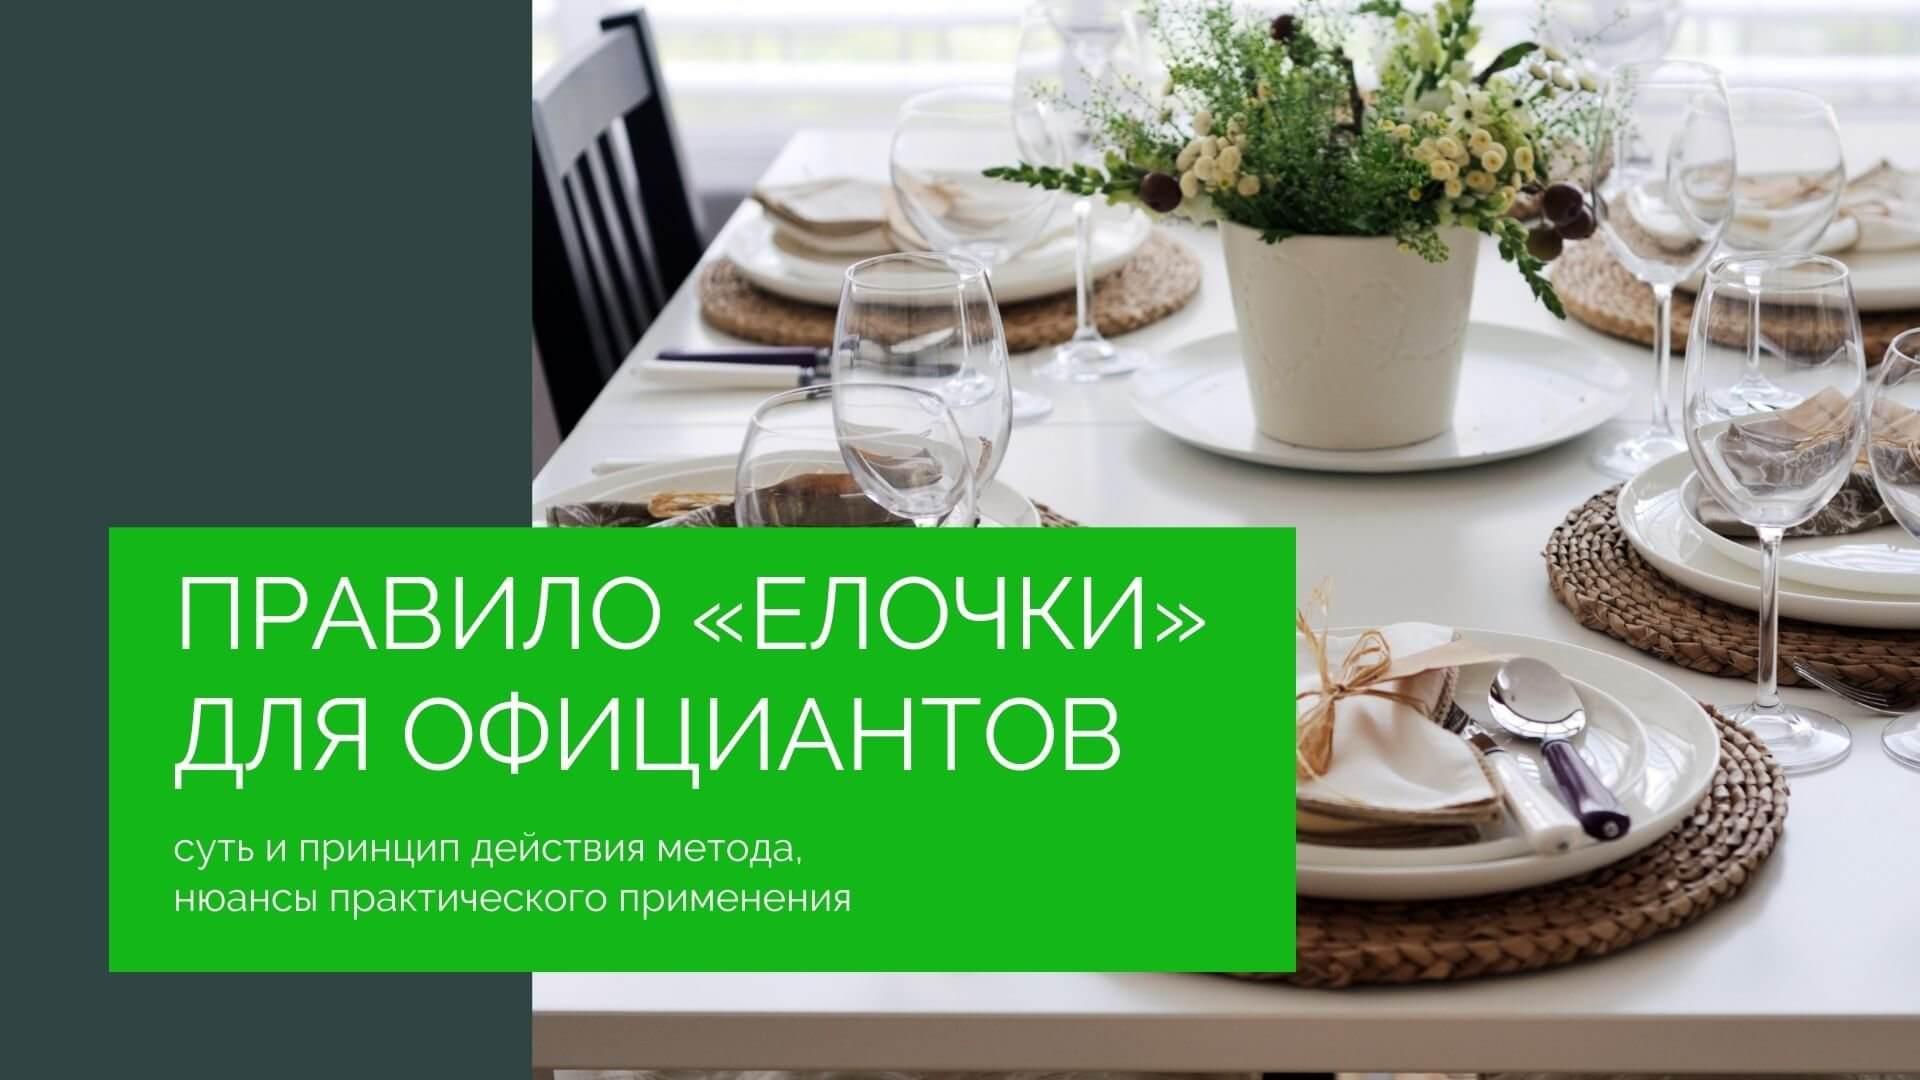 Правило «Елочки» для официантов: суть и принцип действия метода, нюансы практического применения